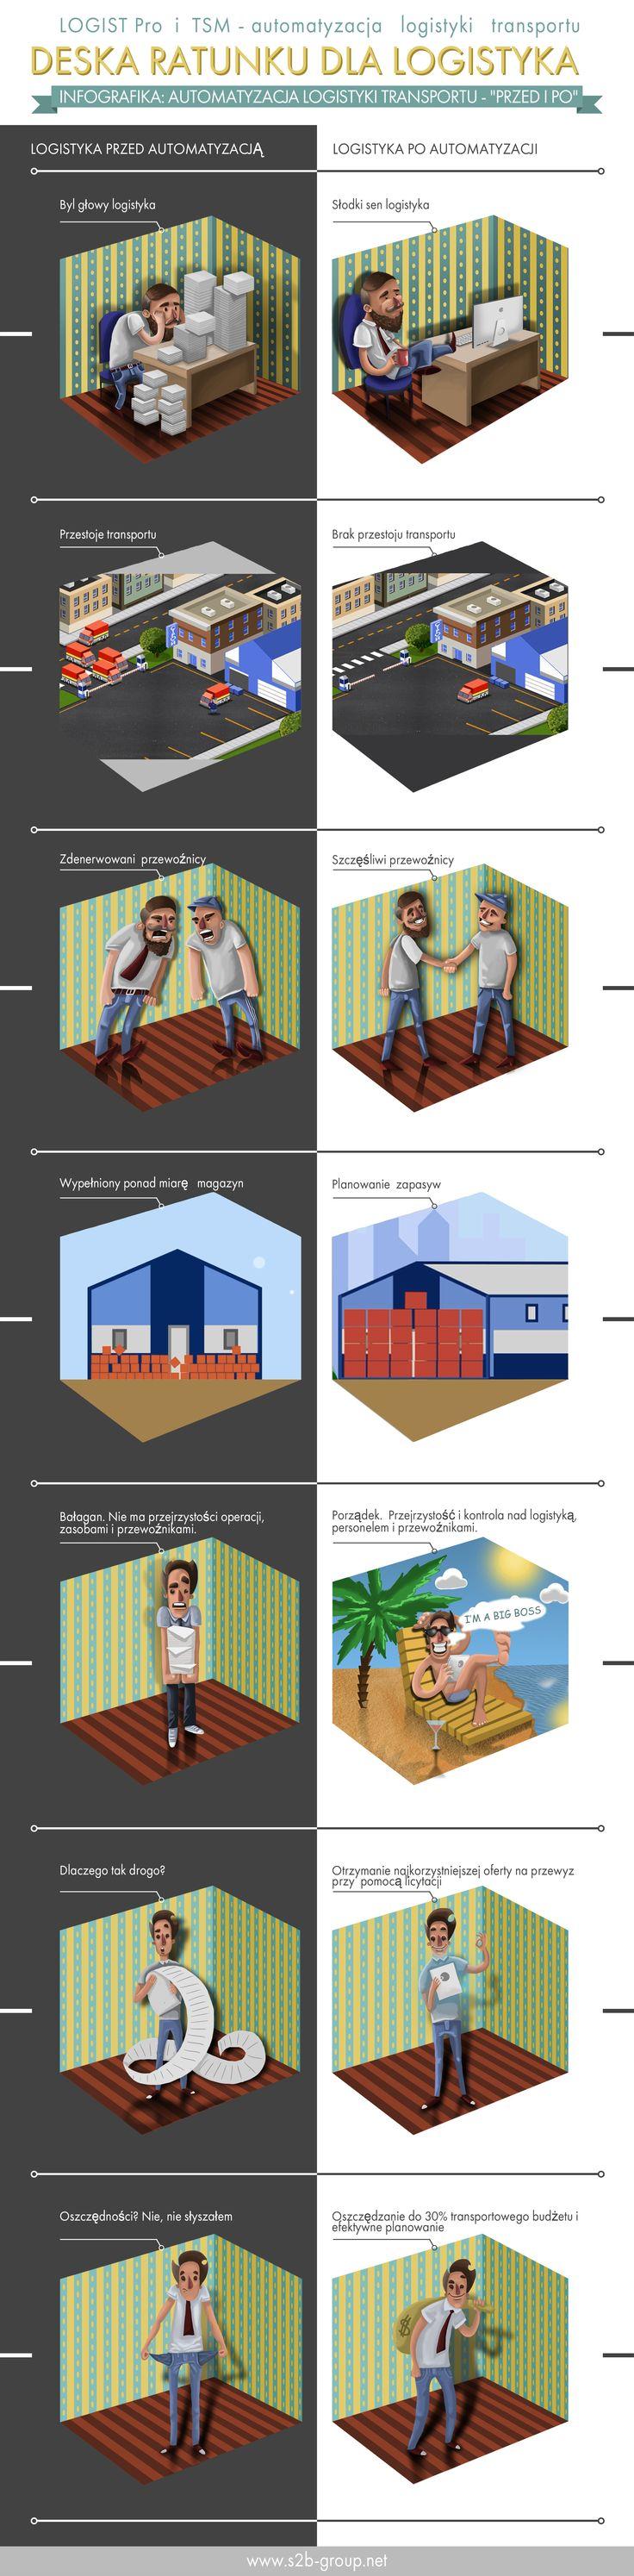 Infografika: Automatyzacja logistyki transportu #Logistics #SCM #S2BGroup